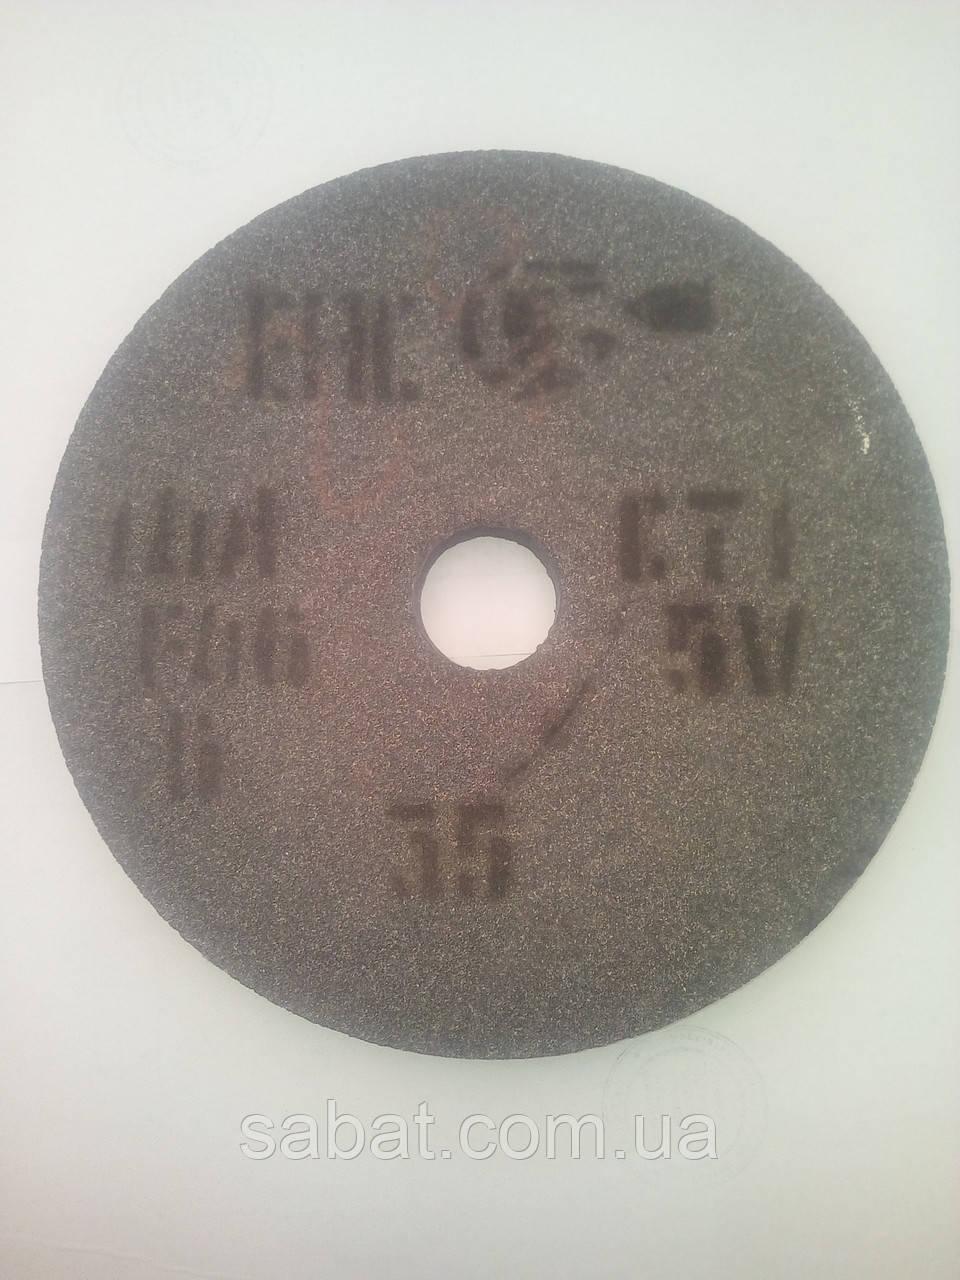 Круг шлифовальный серый 14А F46-80 СТ-СМ 175х16х32